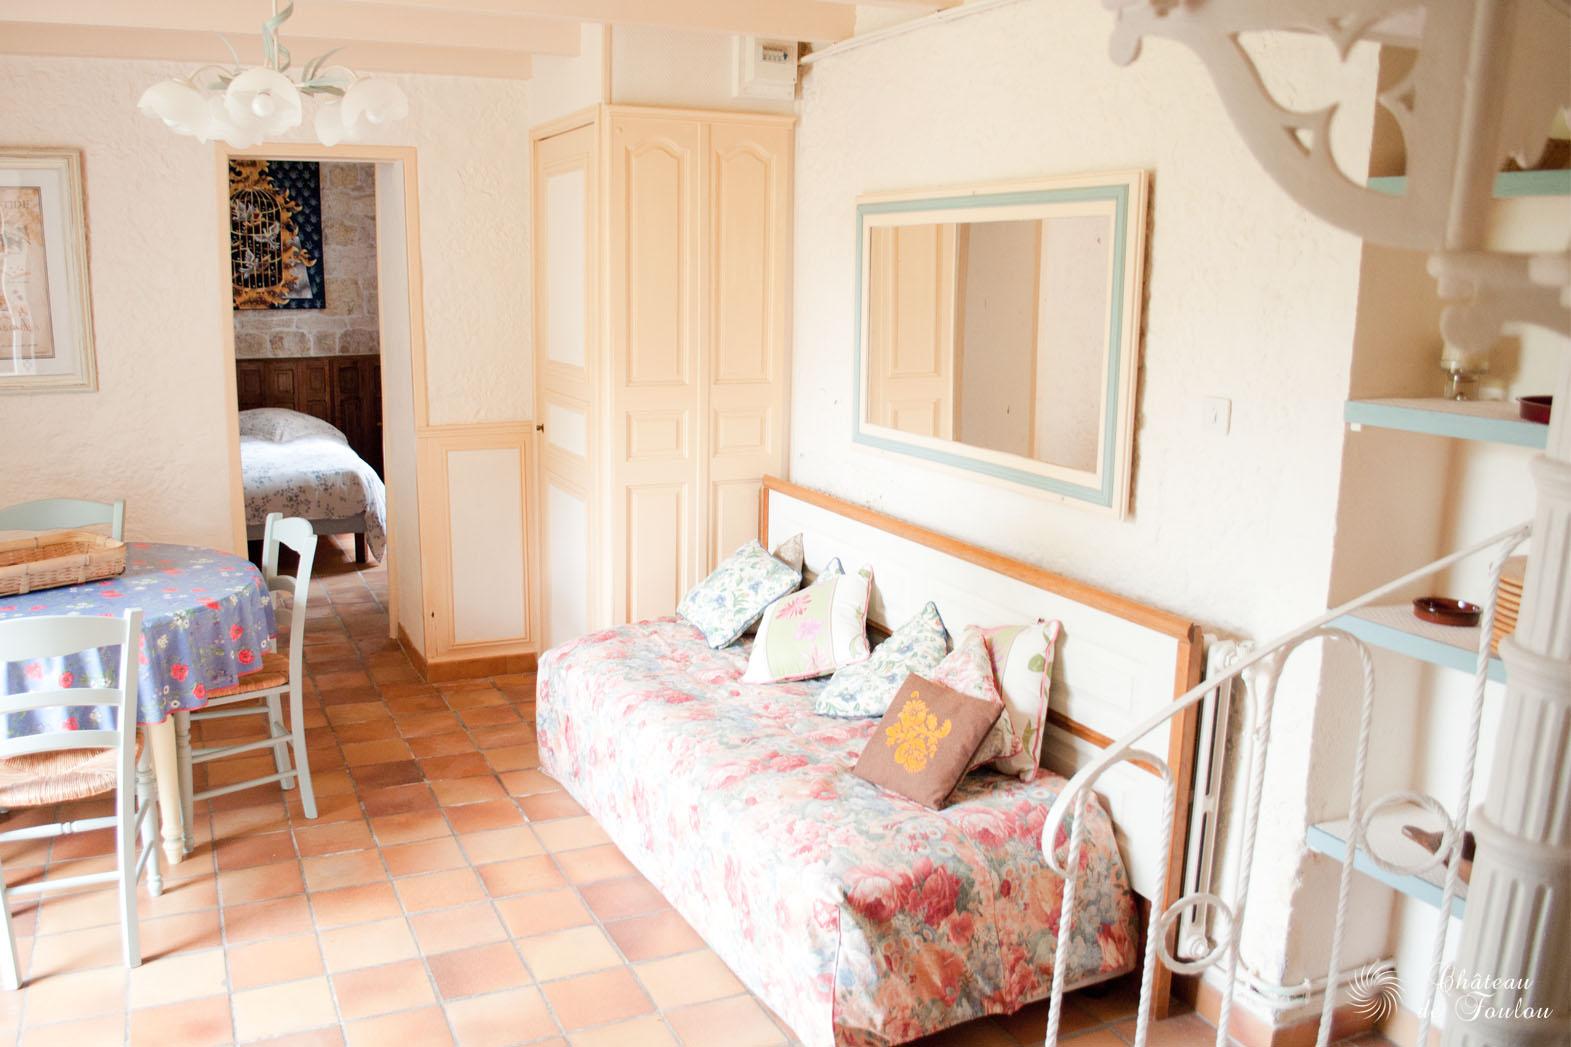 http://www.chateau-de-foulou.com/wp-content/uploads/2014/05/roomtour03.jpg